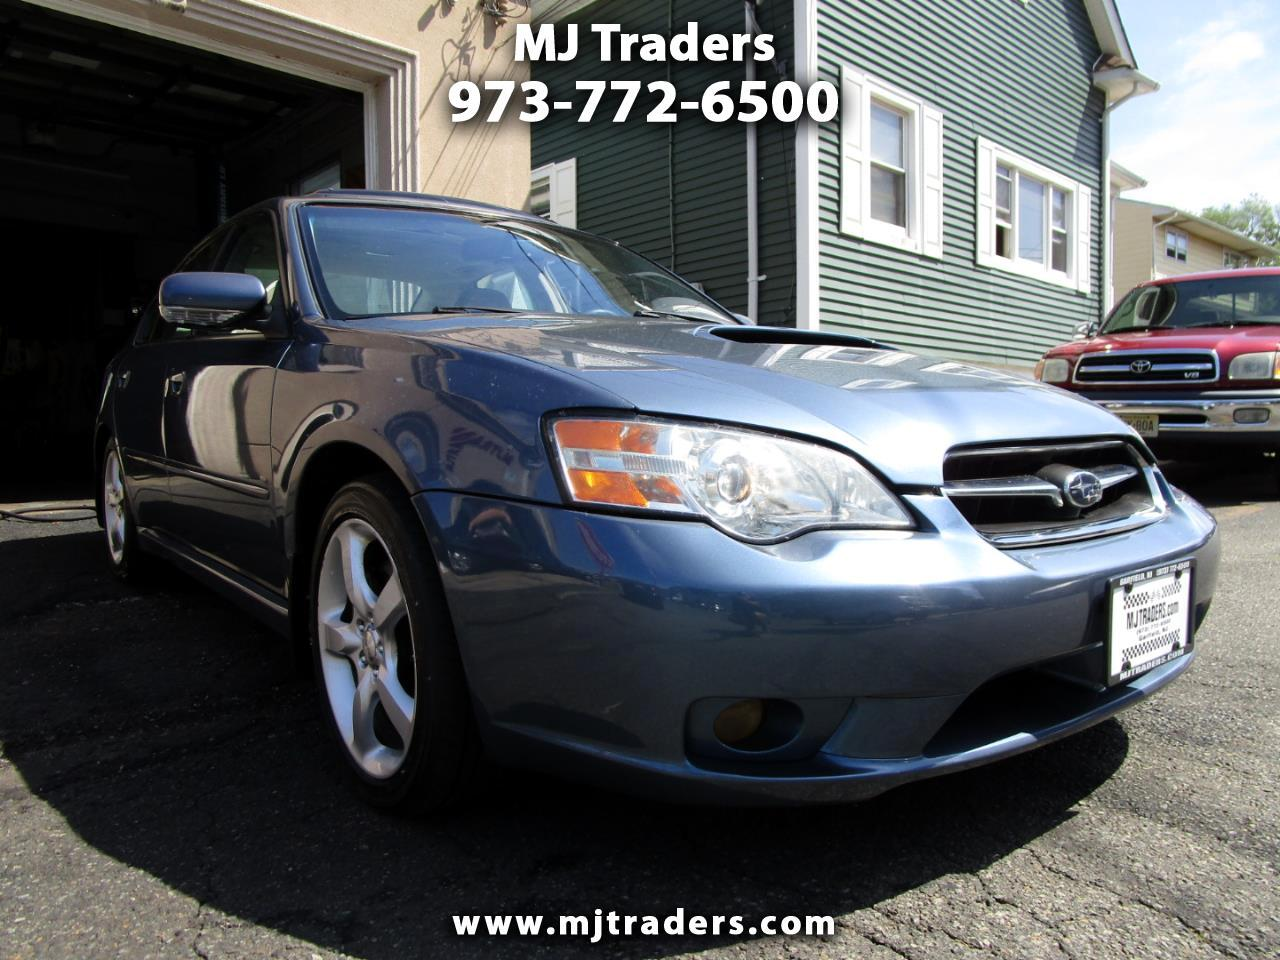 Subaru Legacy 2.5 GT Limited 2006